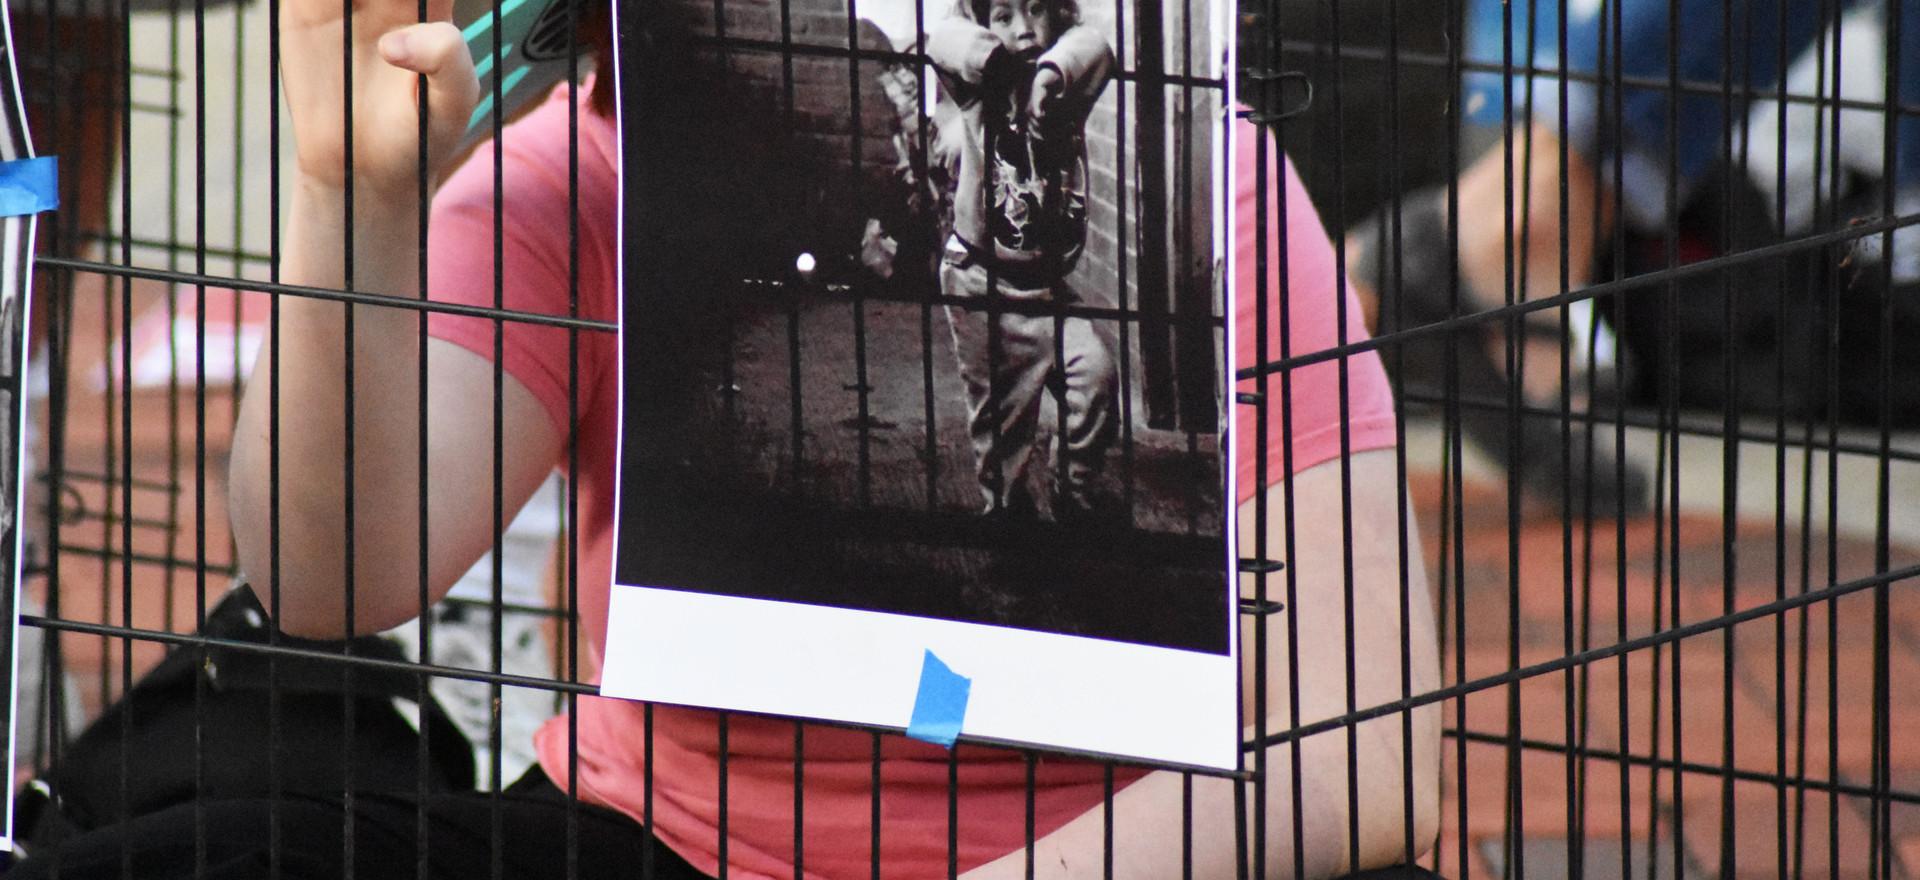 school children in cages.jpg